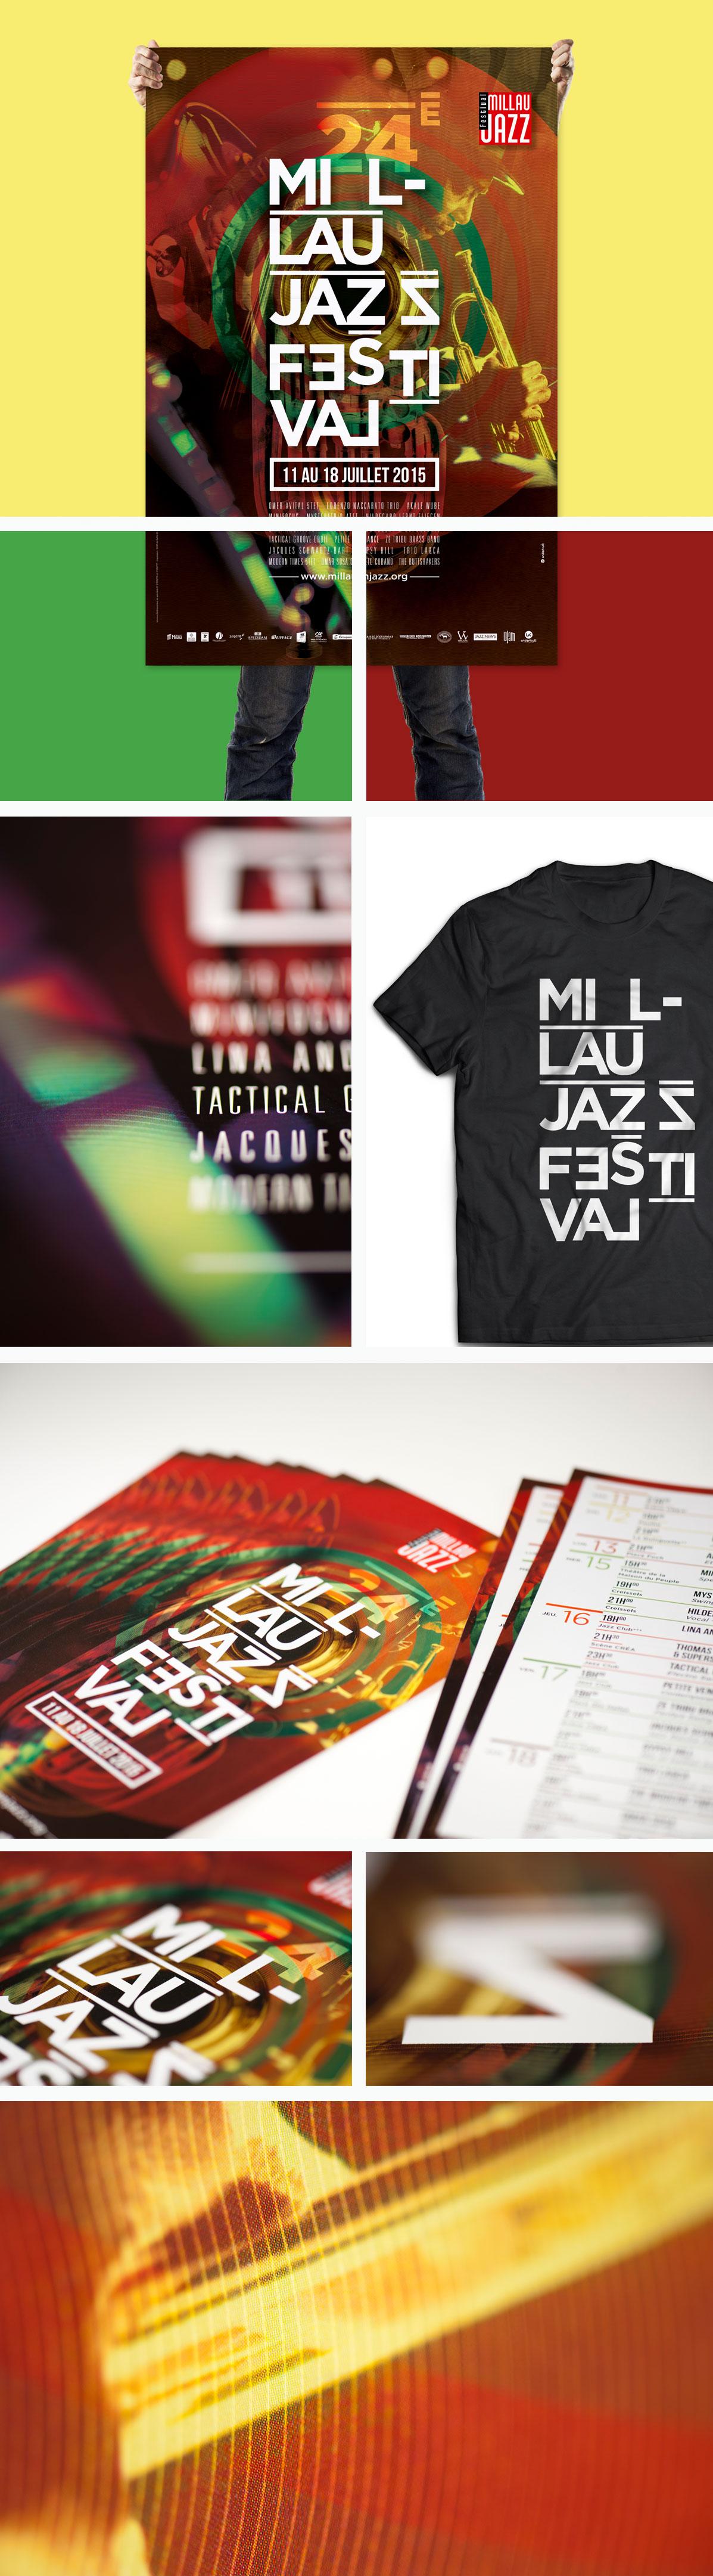 Conception graphique Millau en Jazz